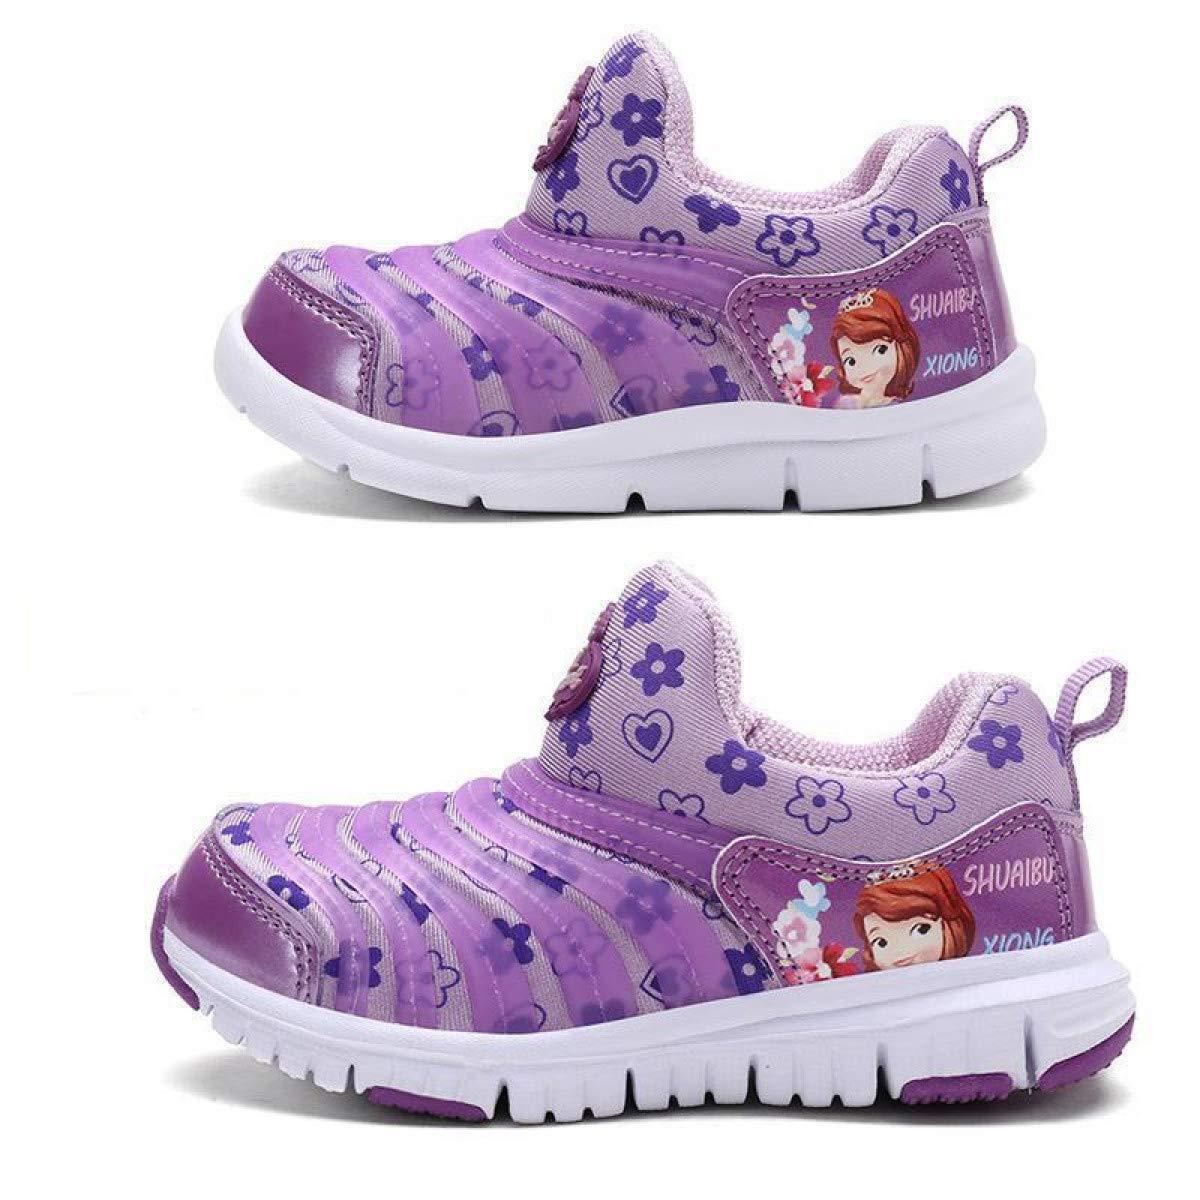 Amazon.com: BIG LION New Spiderman Shoes Kids Shoes Boys ...